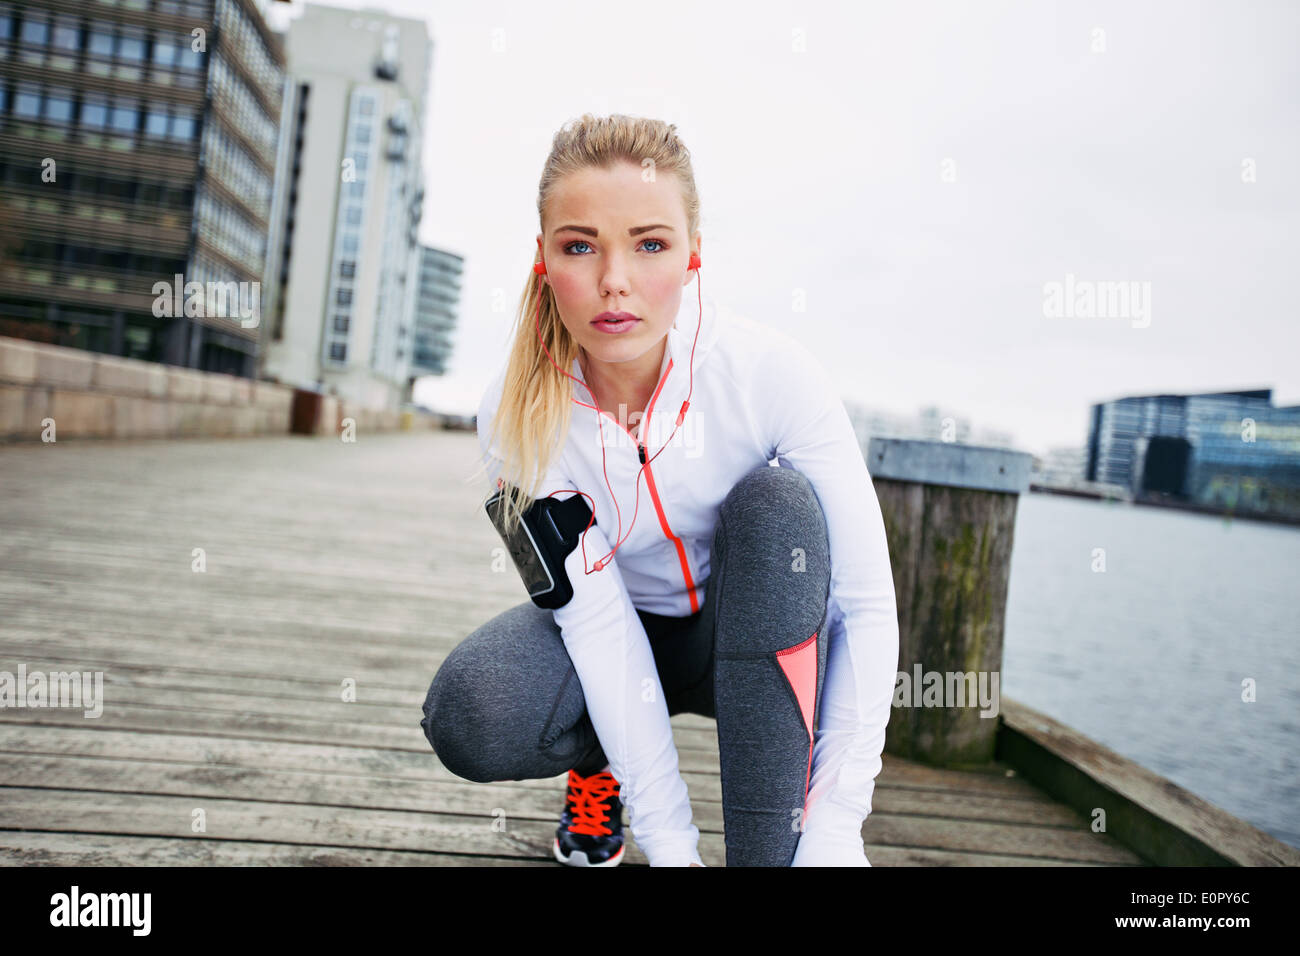 Mujer de fitness en el Boardwalk agacharse para atar su shoelace mirando a la cámara. Seguros de hembras jóvenes capacitación emparejador afuera. Imagen De Stock